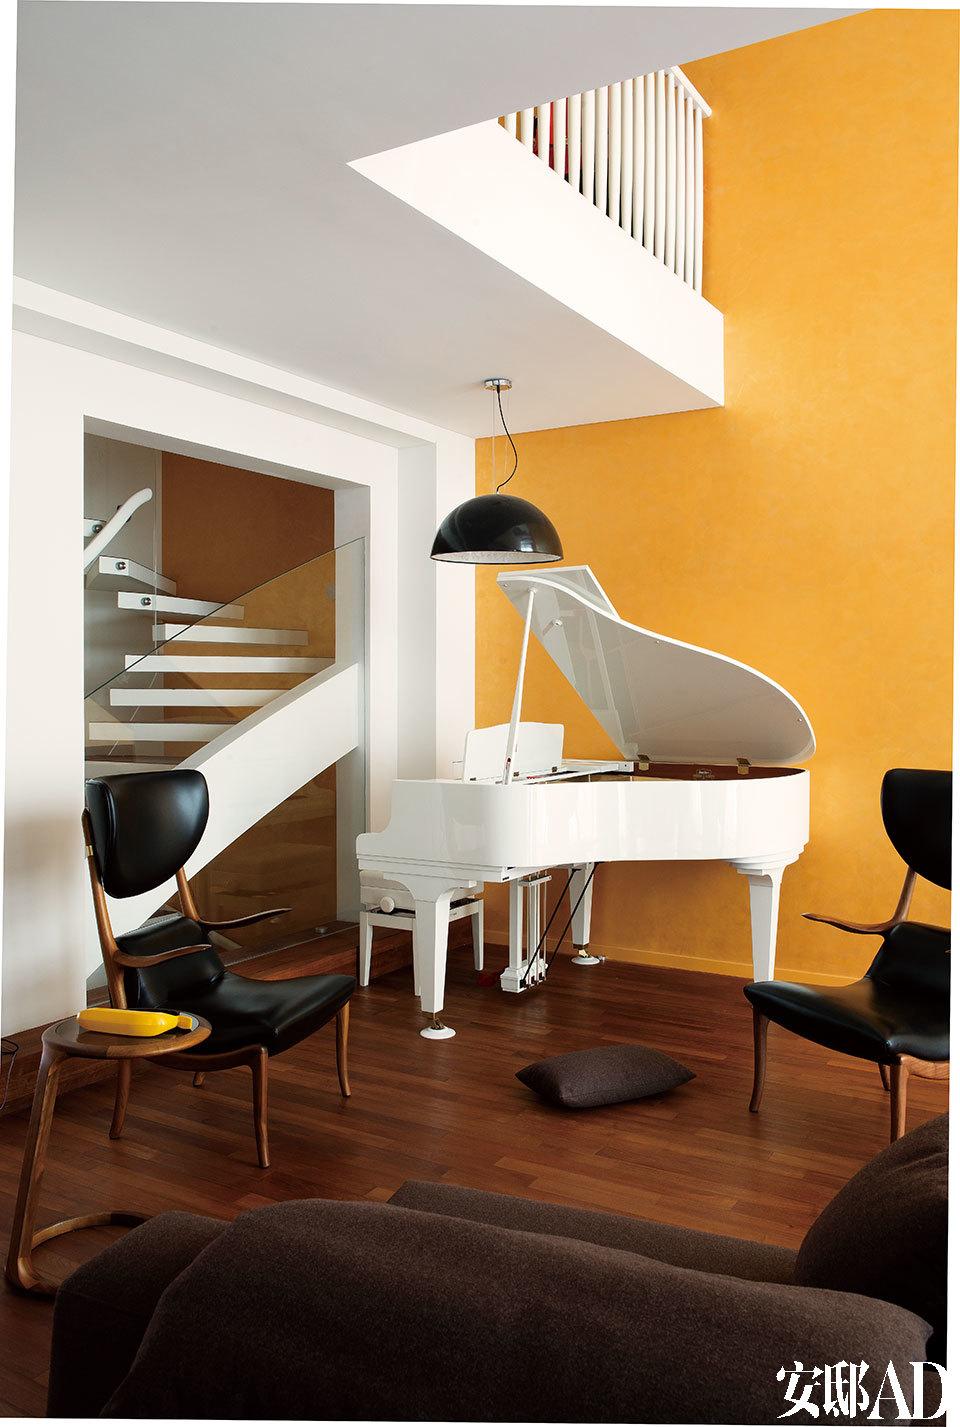 客厅的另一侧是沙发和娱乐区,一整面墙壁被喷涂了金色的马来漆,钢琴上的弧线与后面的楼梯形态非常协调。楼梯旁的这面墙壁彼时还是一堵实墙,导致楼梯处非 常昏暗,家人常常在此跌跤。设计师Arnd将它打通,安装上钢化玻璃作为护栏,阳光从此倾泻进去。这处大改动既美观又实用。白色的三角钢琴与墙面及新修的楼梯在形态与色彩上都完美契合,连钢琴上方的吊灯都为搭配琴键而选择了亮光黑。